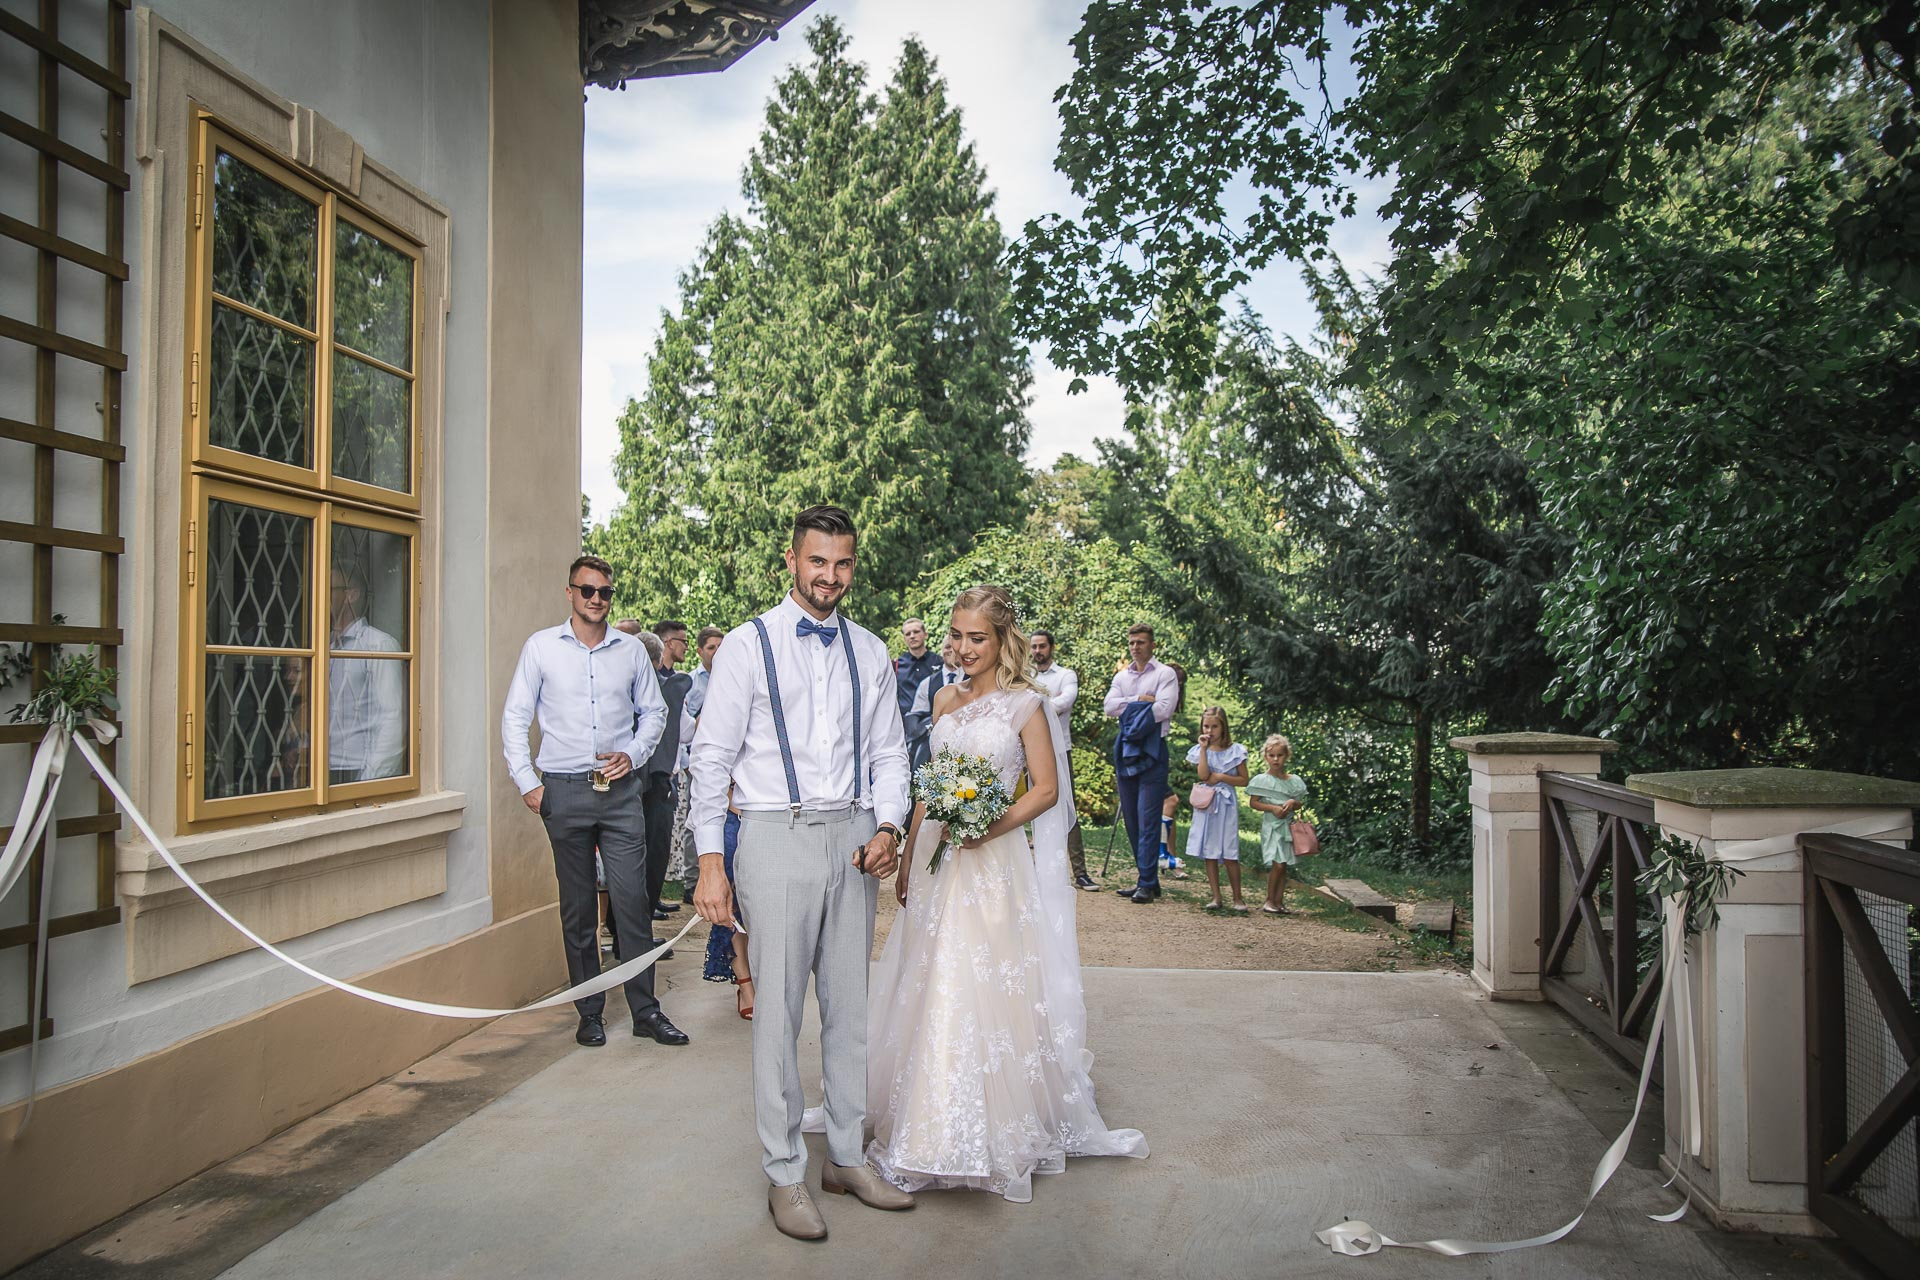 svatební-fotograf-zámek-Loučeň-svatební-video-zámek-Loučeň-4331